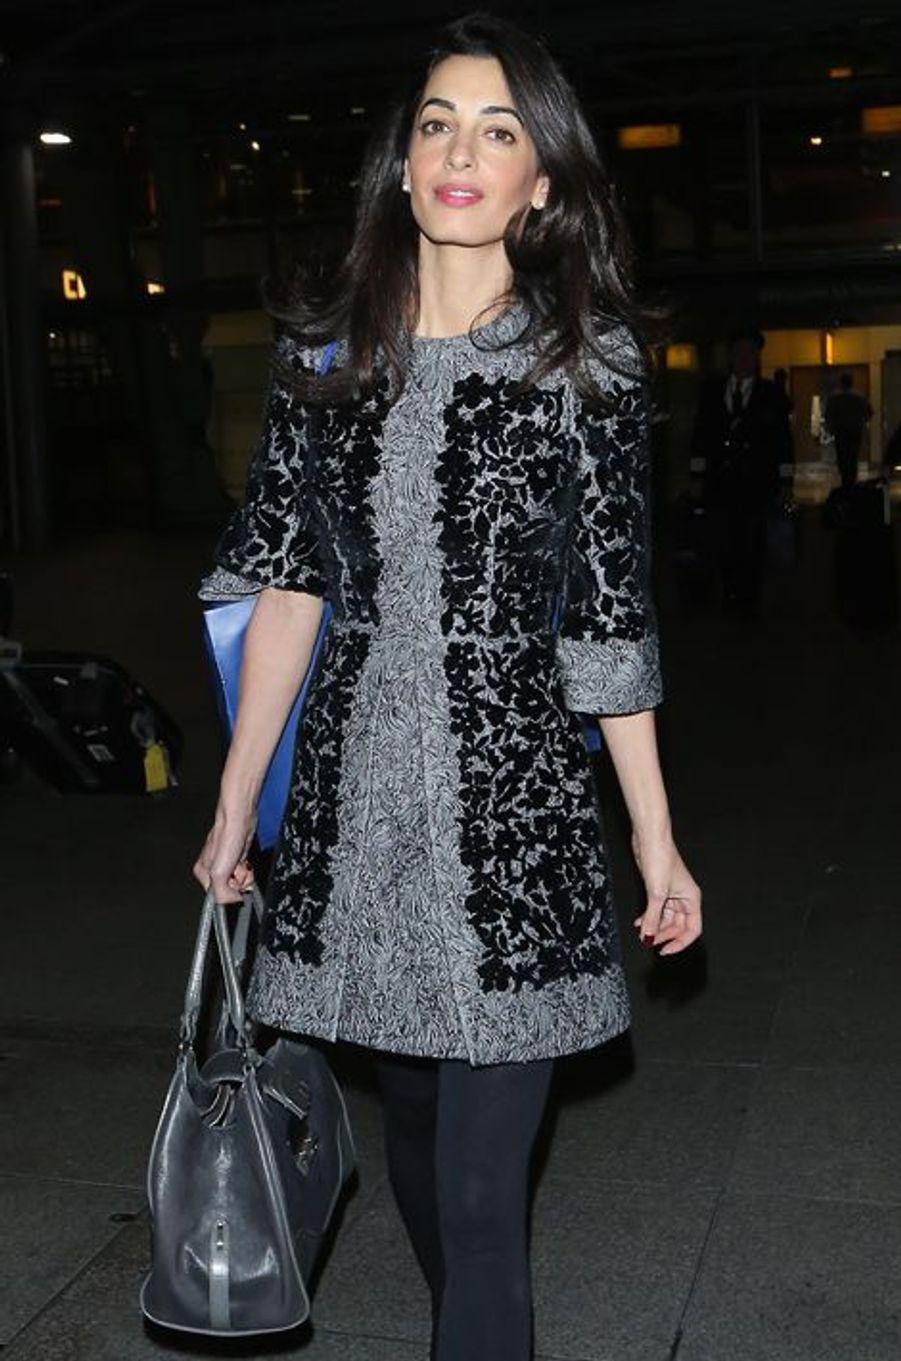 Style hivernal pour la jolie brunette. À l'aéroport d'Heathrow, Amal Clooney s'était montrée avec une robe de la maison Dolce & Gabbana (5.570 euros) et une paire de boots Prada assorties (900 euros). Total : 6.470 euros.